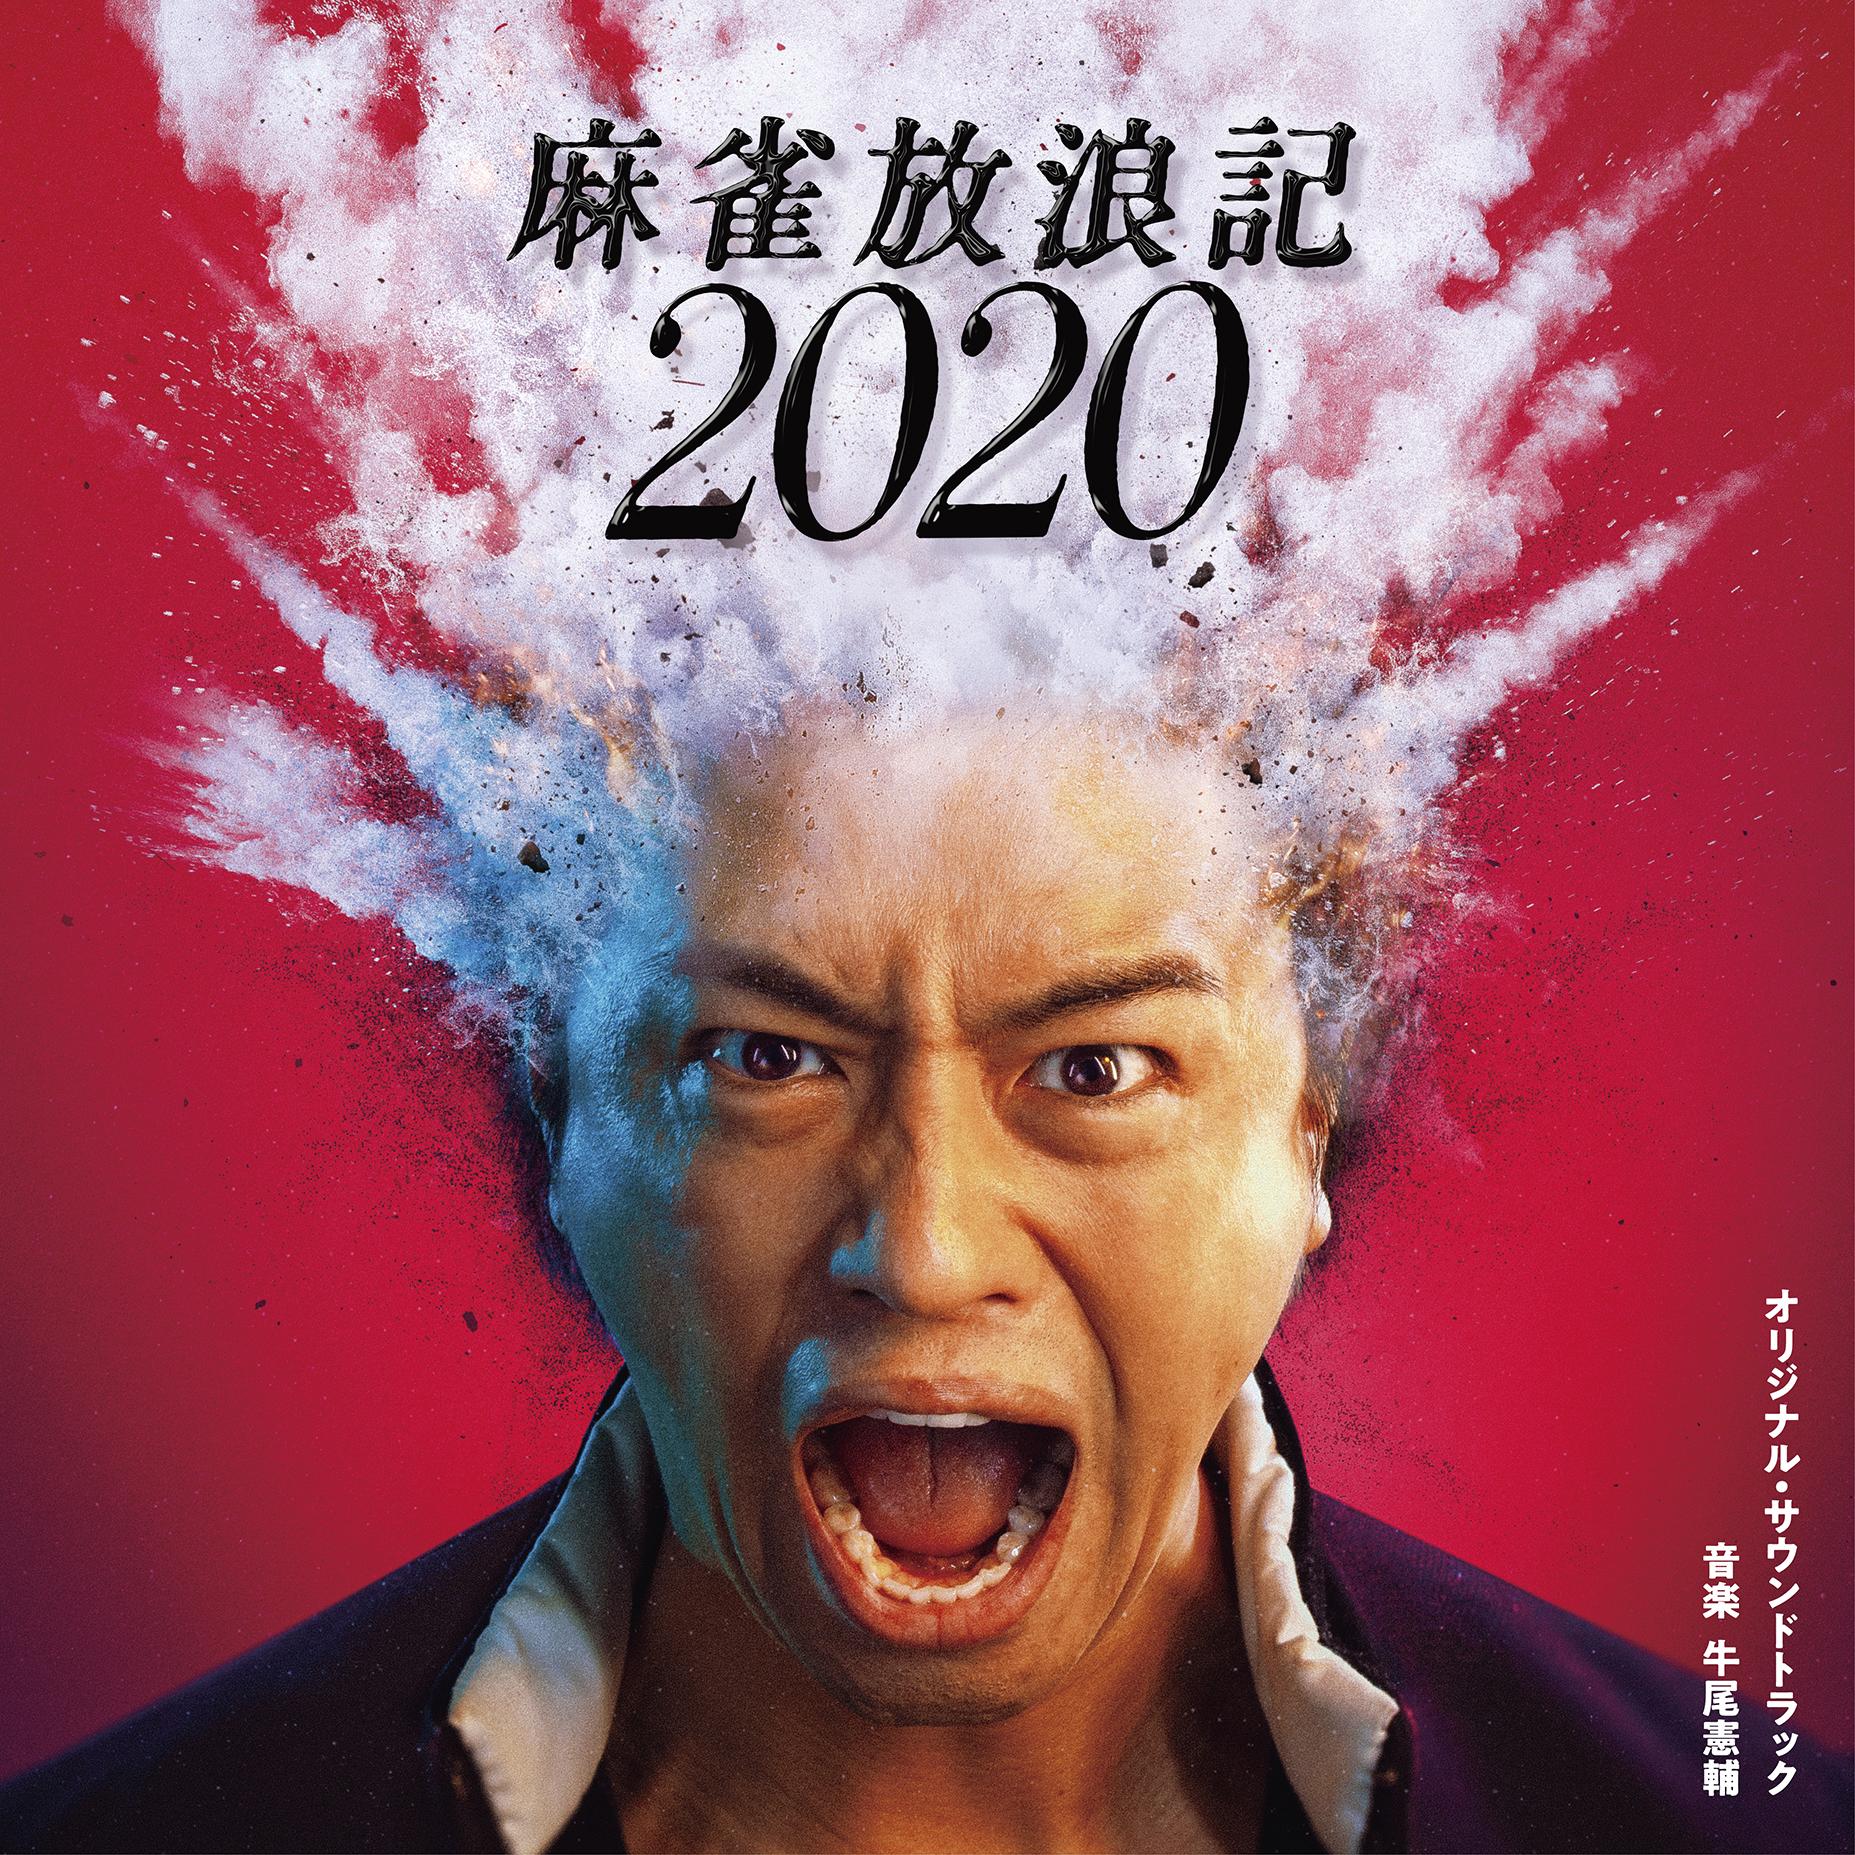 065_麻雀放浪記2020 オリジナル・サウンドトラック